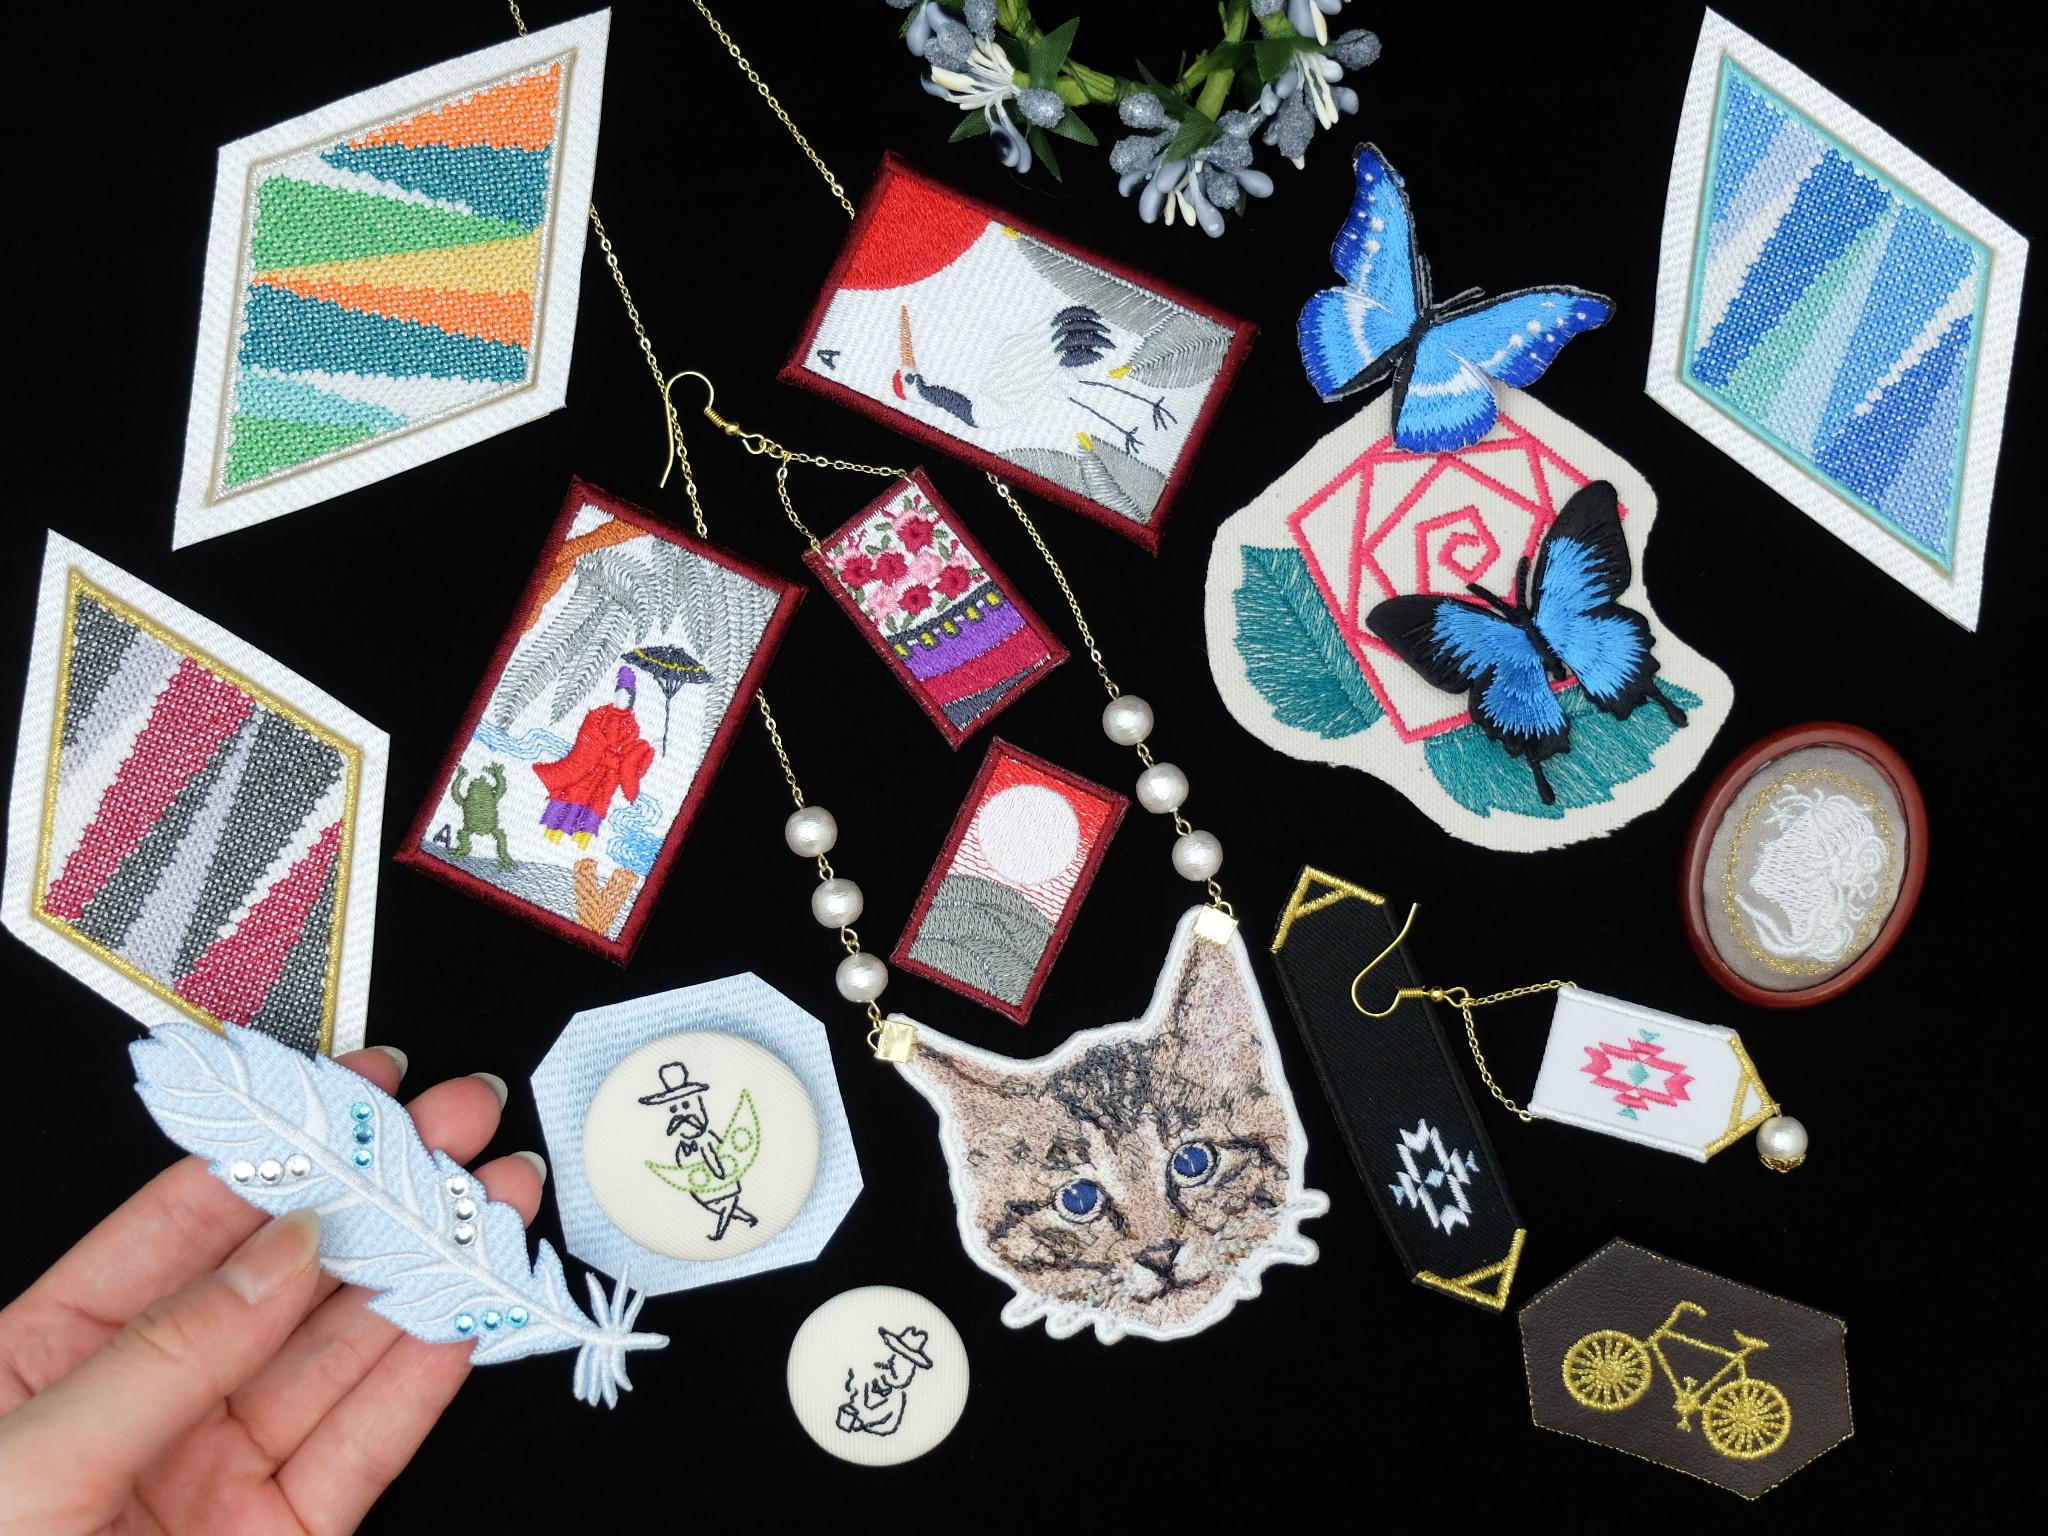 NEVER MIND THE BOOKS テレビ塔 札幌 イベント出展 刺繍雑貨 color-stitch